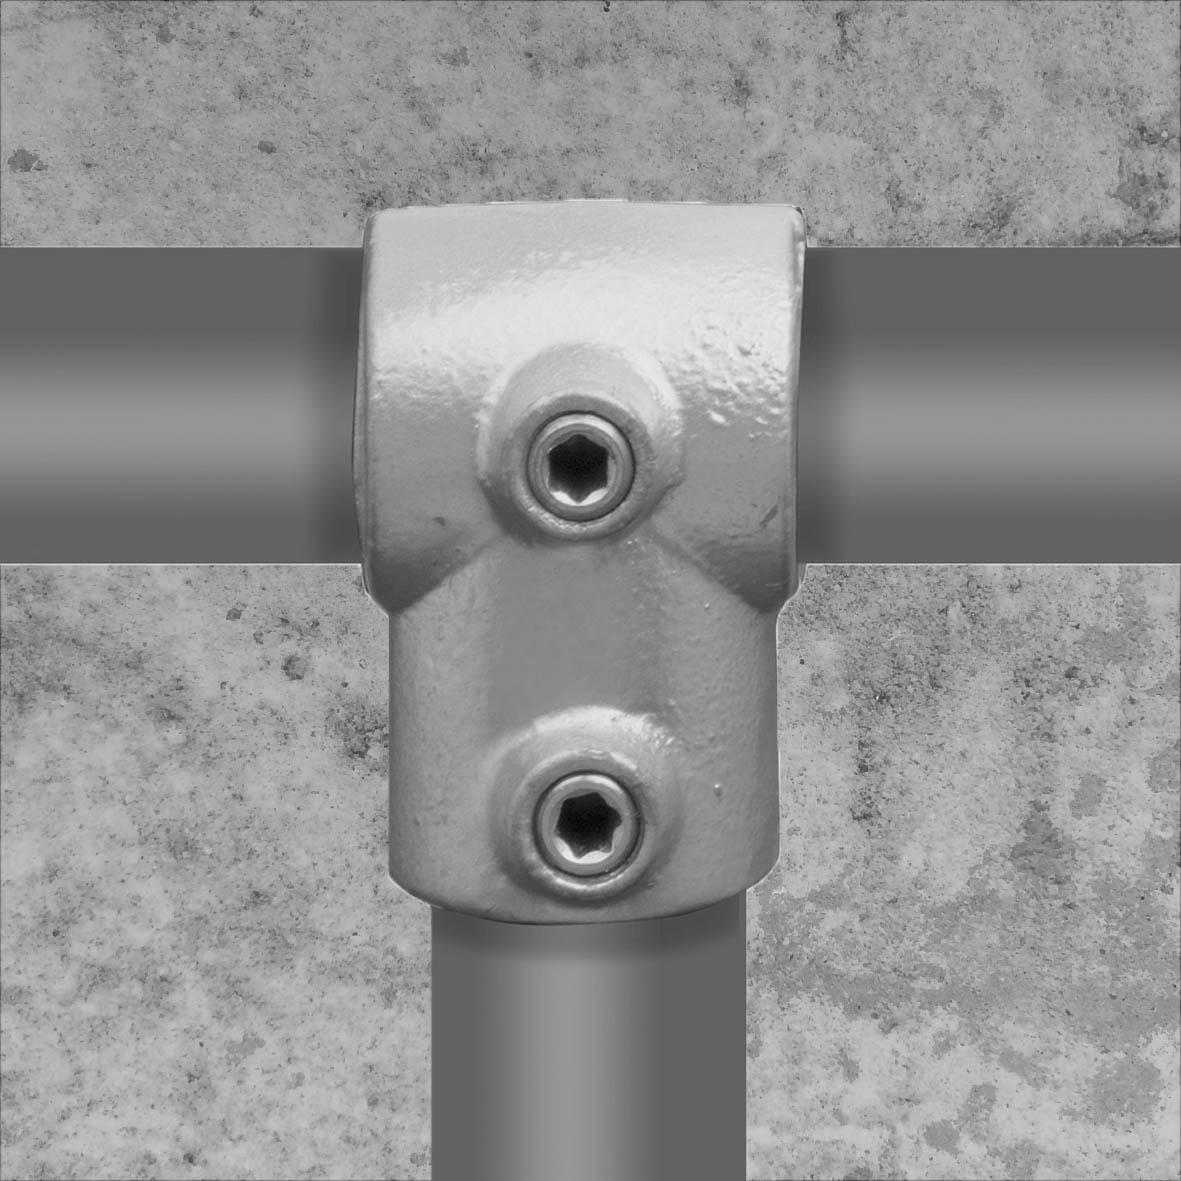 Buiskoppeling T-stuk kort type 2 - 21,3mm